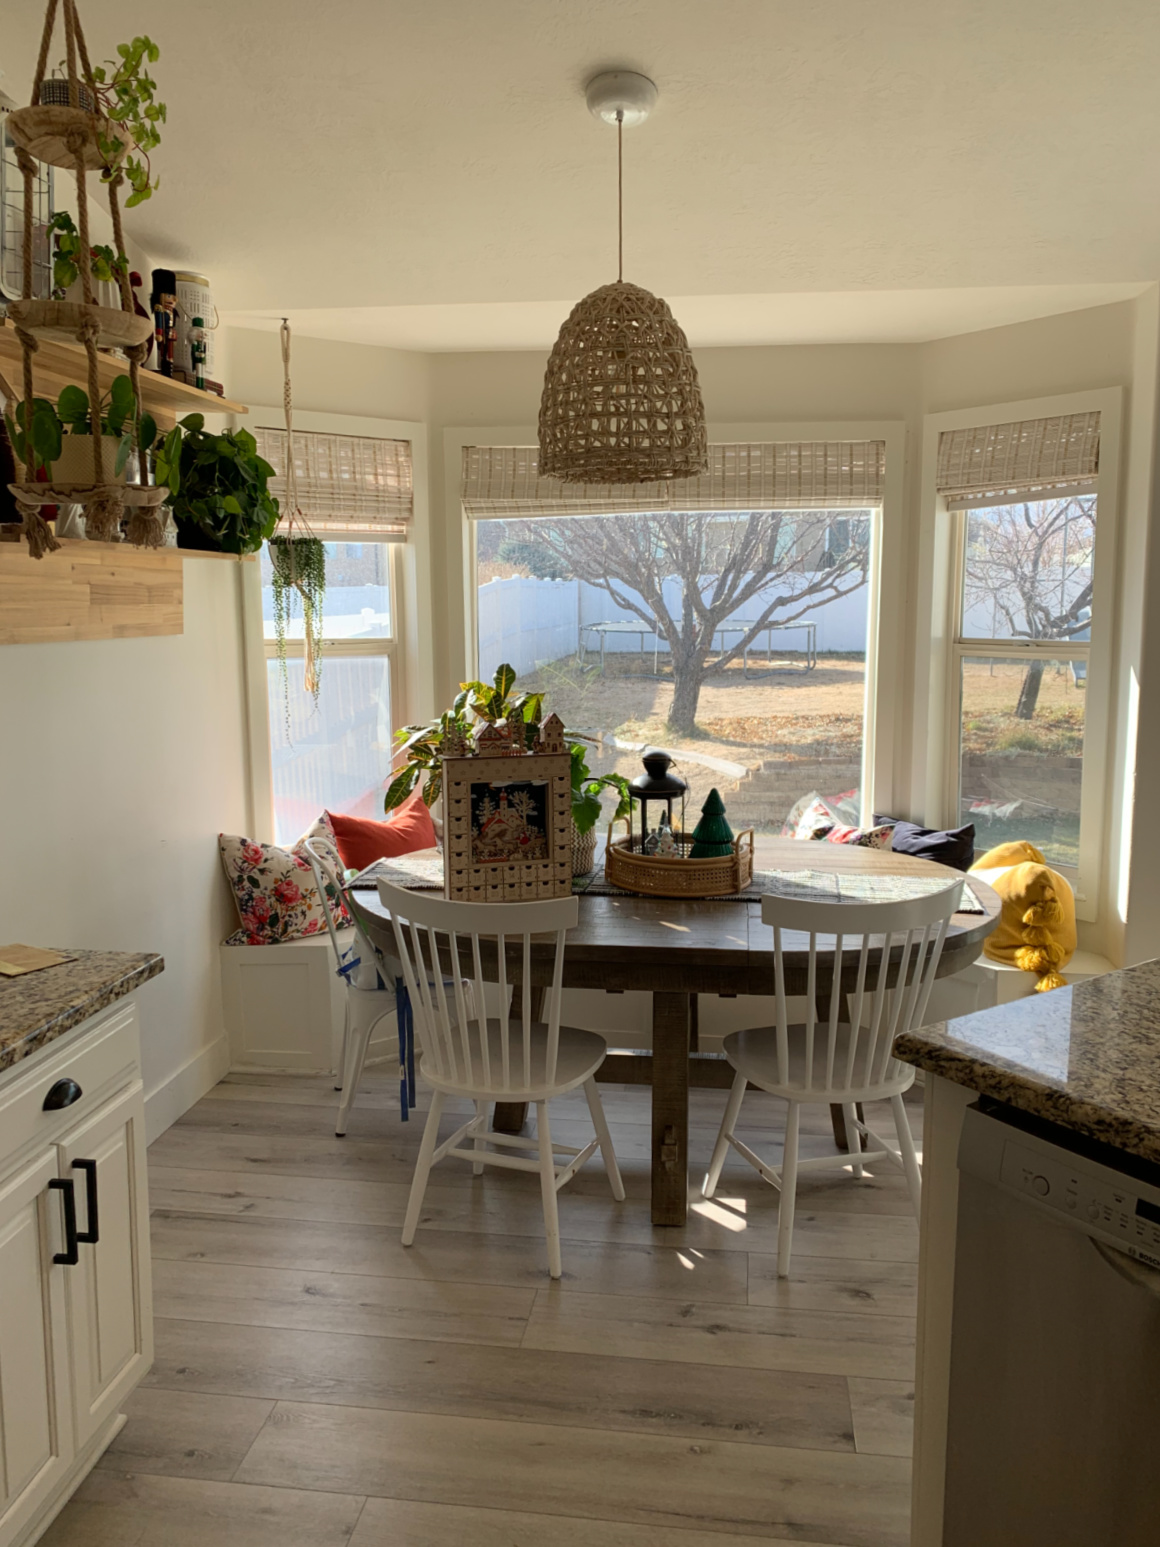 Removable Lemon Wallpaper Making of a Kitchen Kitchen Decor